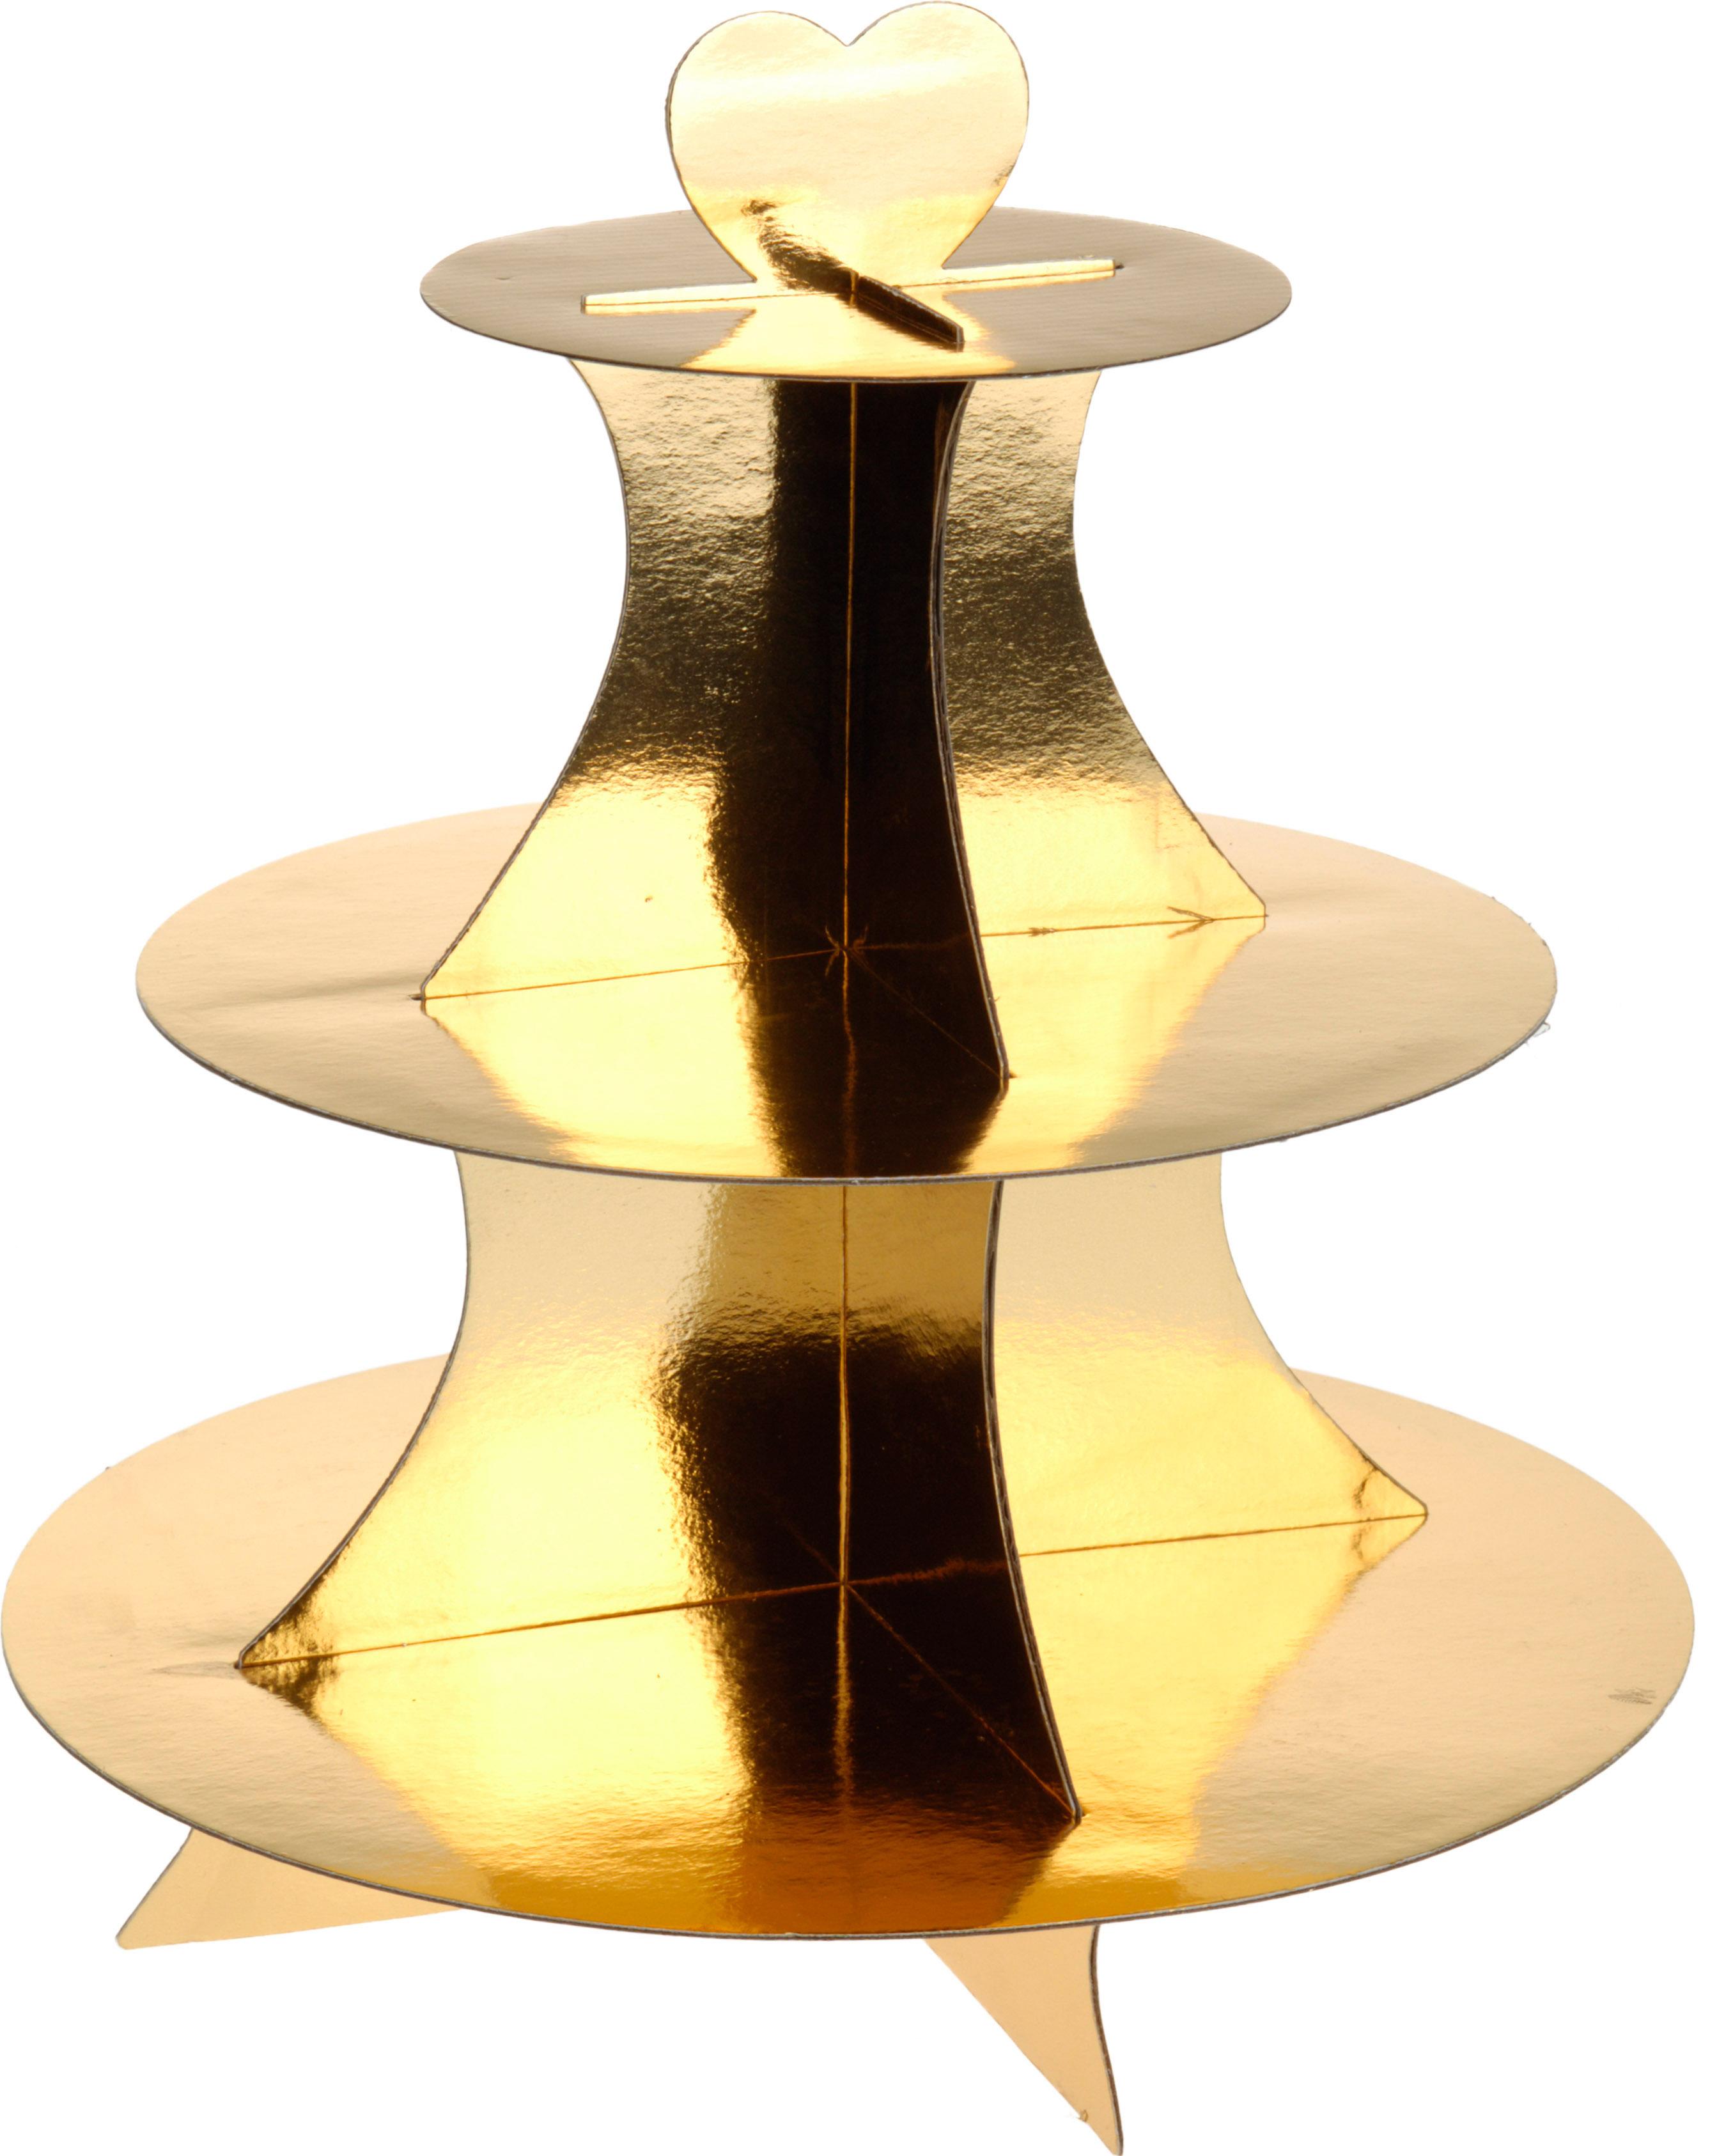 3 st ckige etagere gold geb ckst nder cupcake st nder muffin. Black Bedroom Furniture Sets. Home Design Ideas